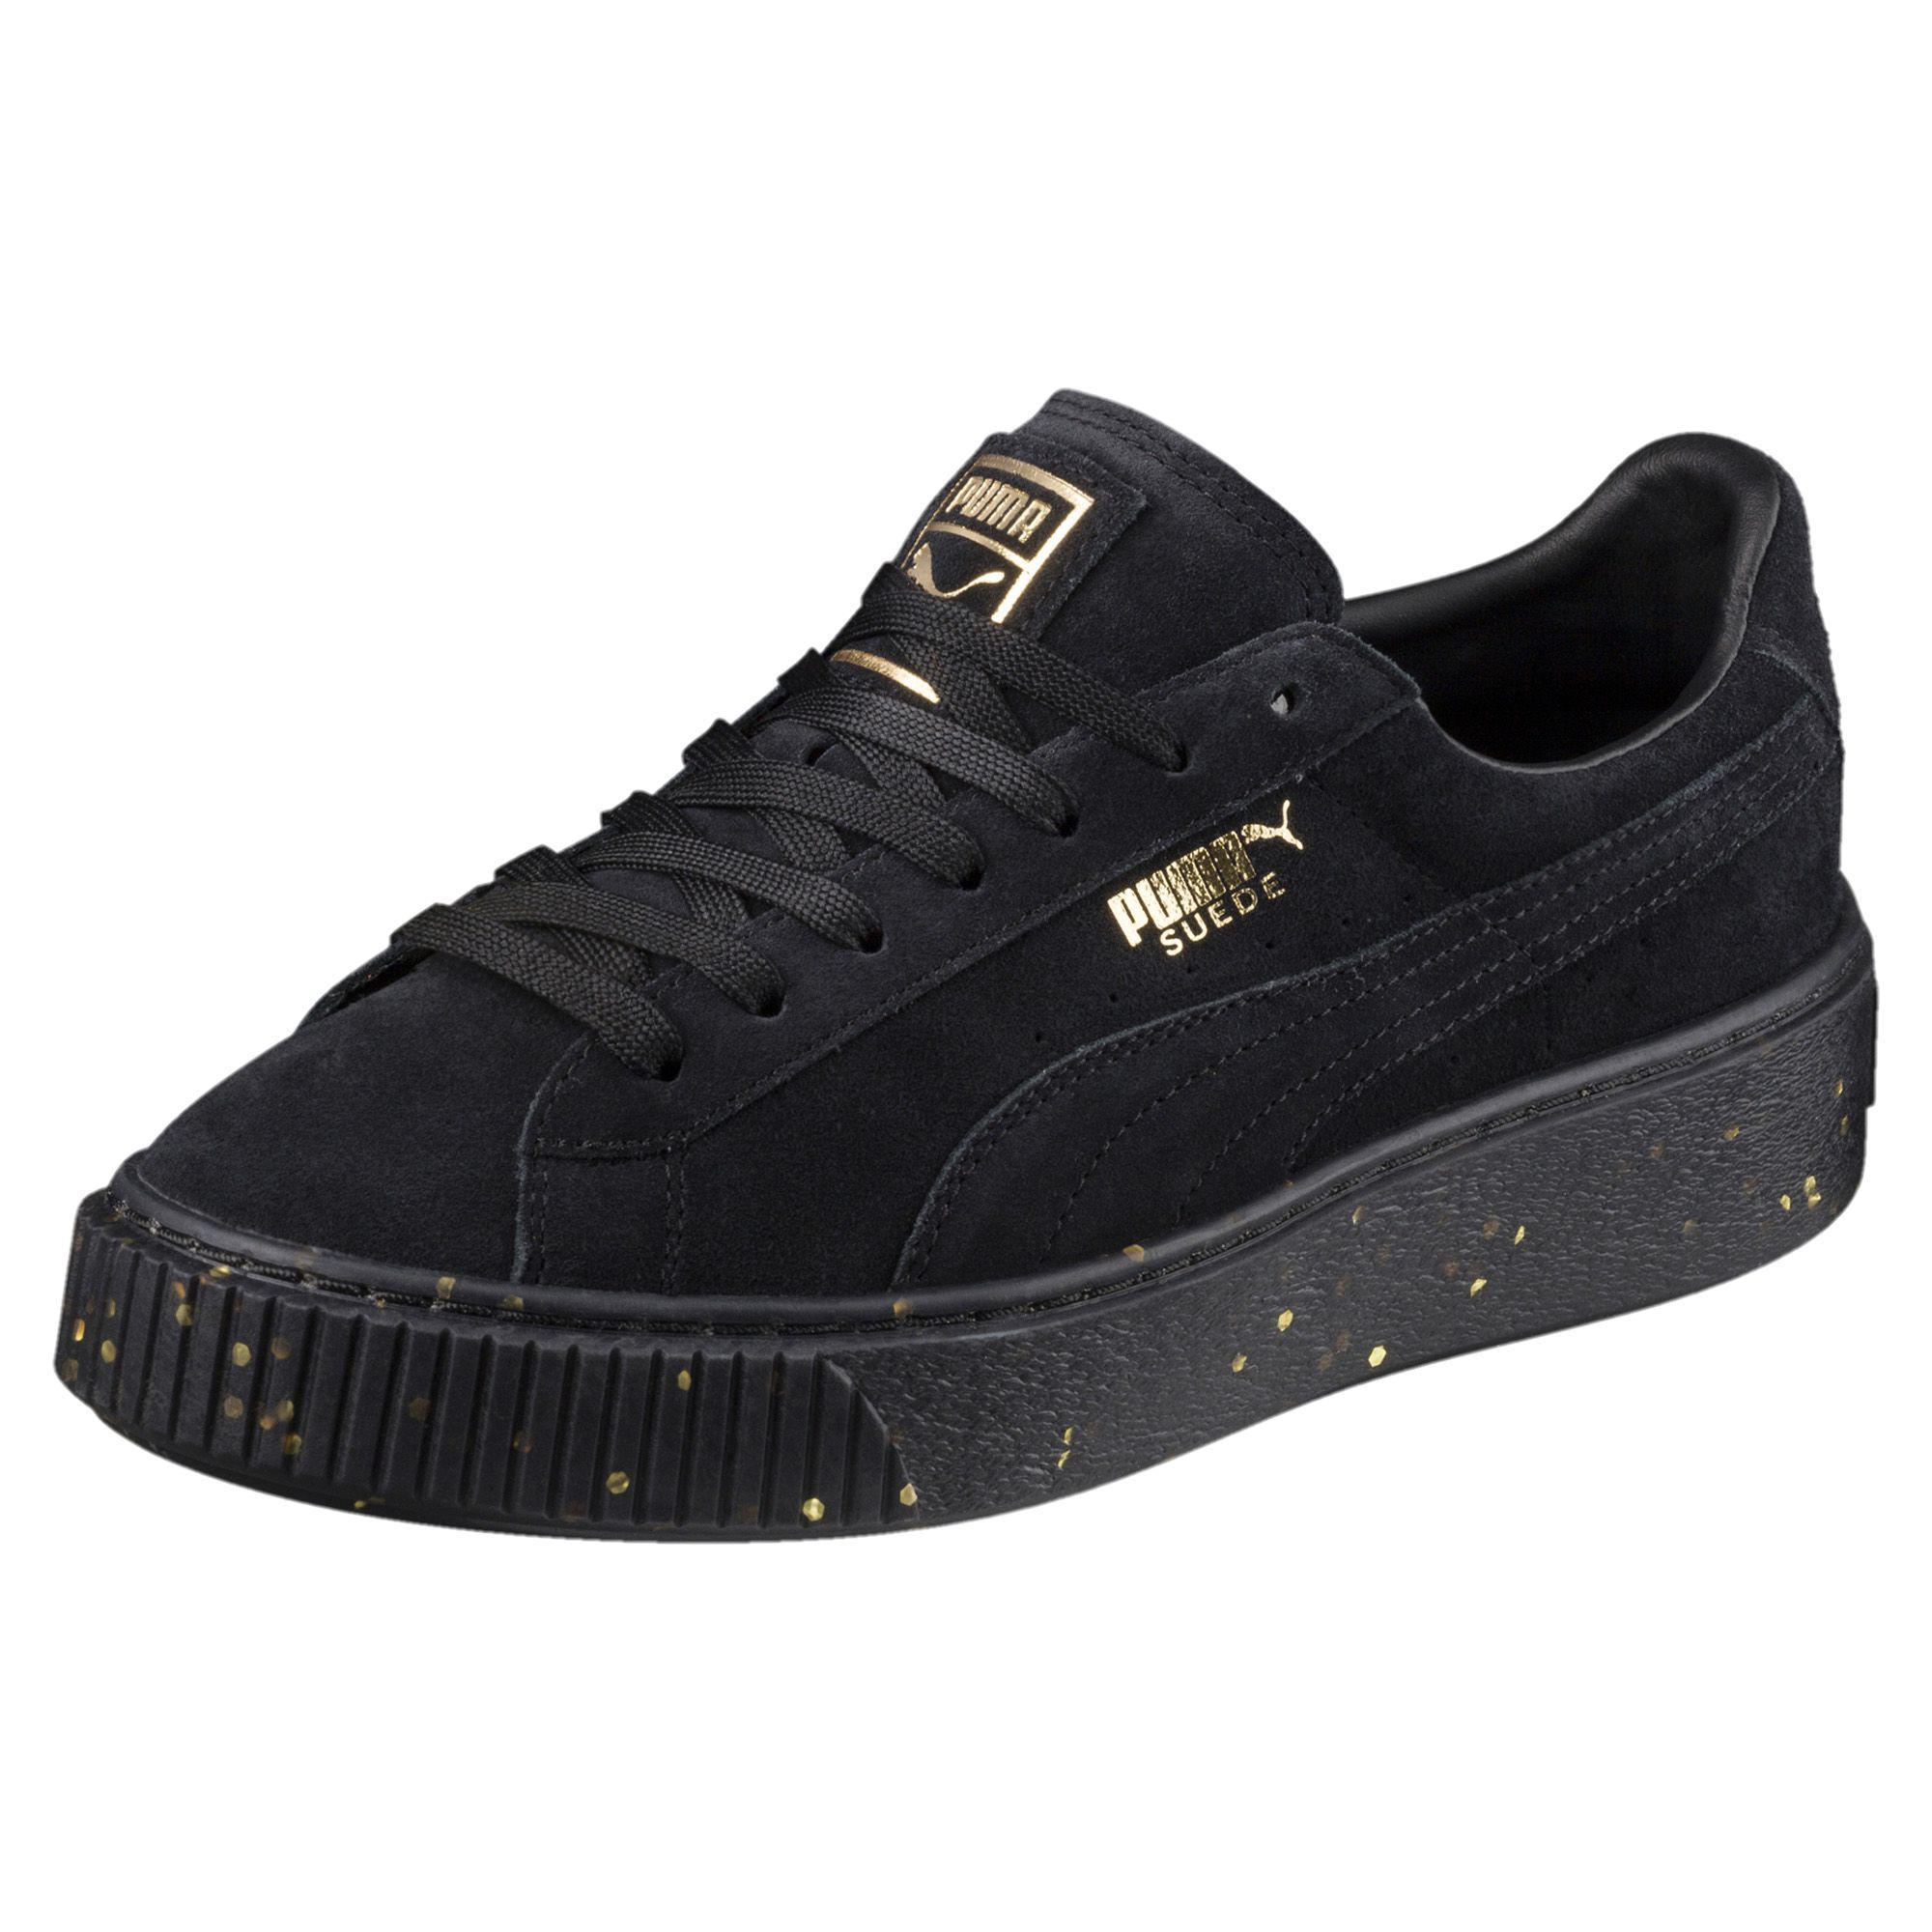 Plateforme En Daim Chaussures Puma Célébrer Baskets W Lo Or Noir Or Noir 5jHCpkrk